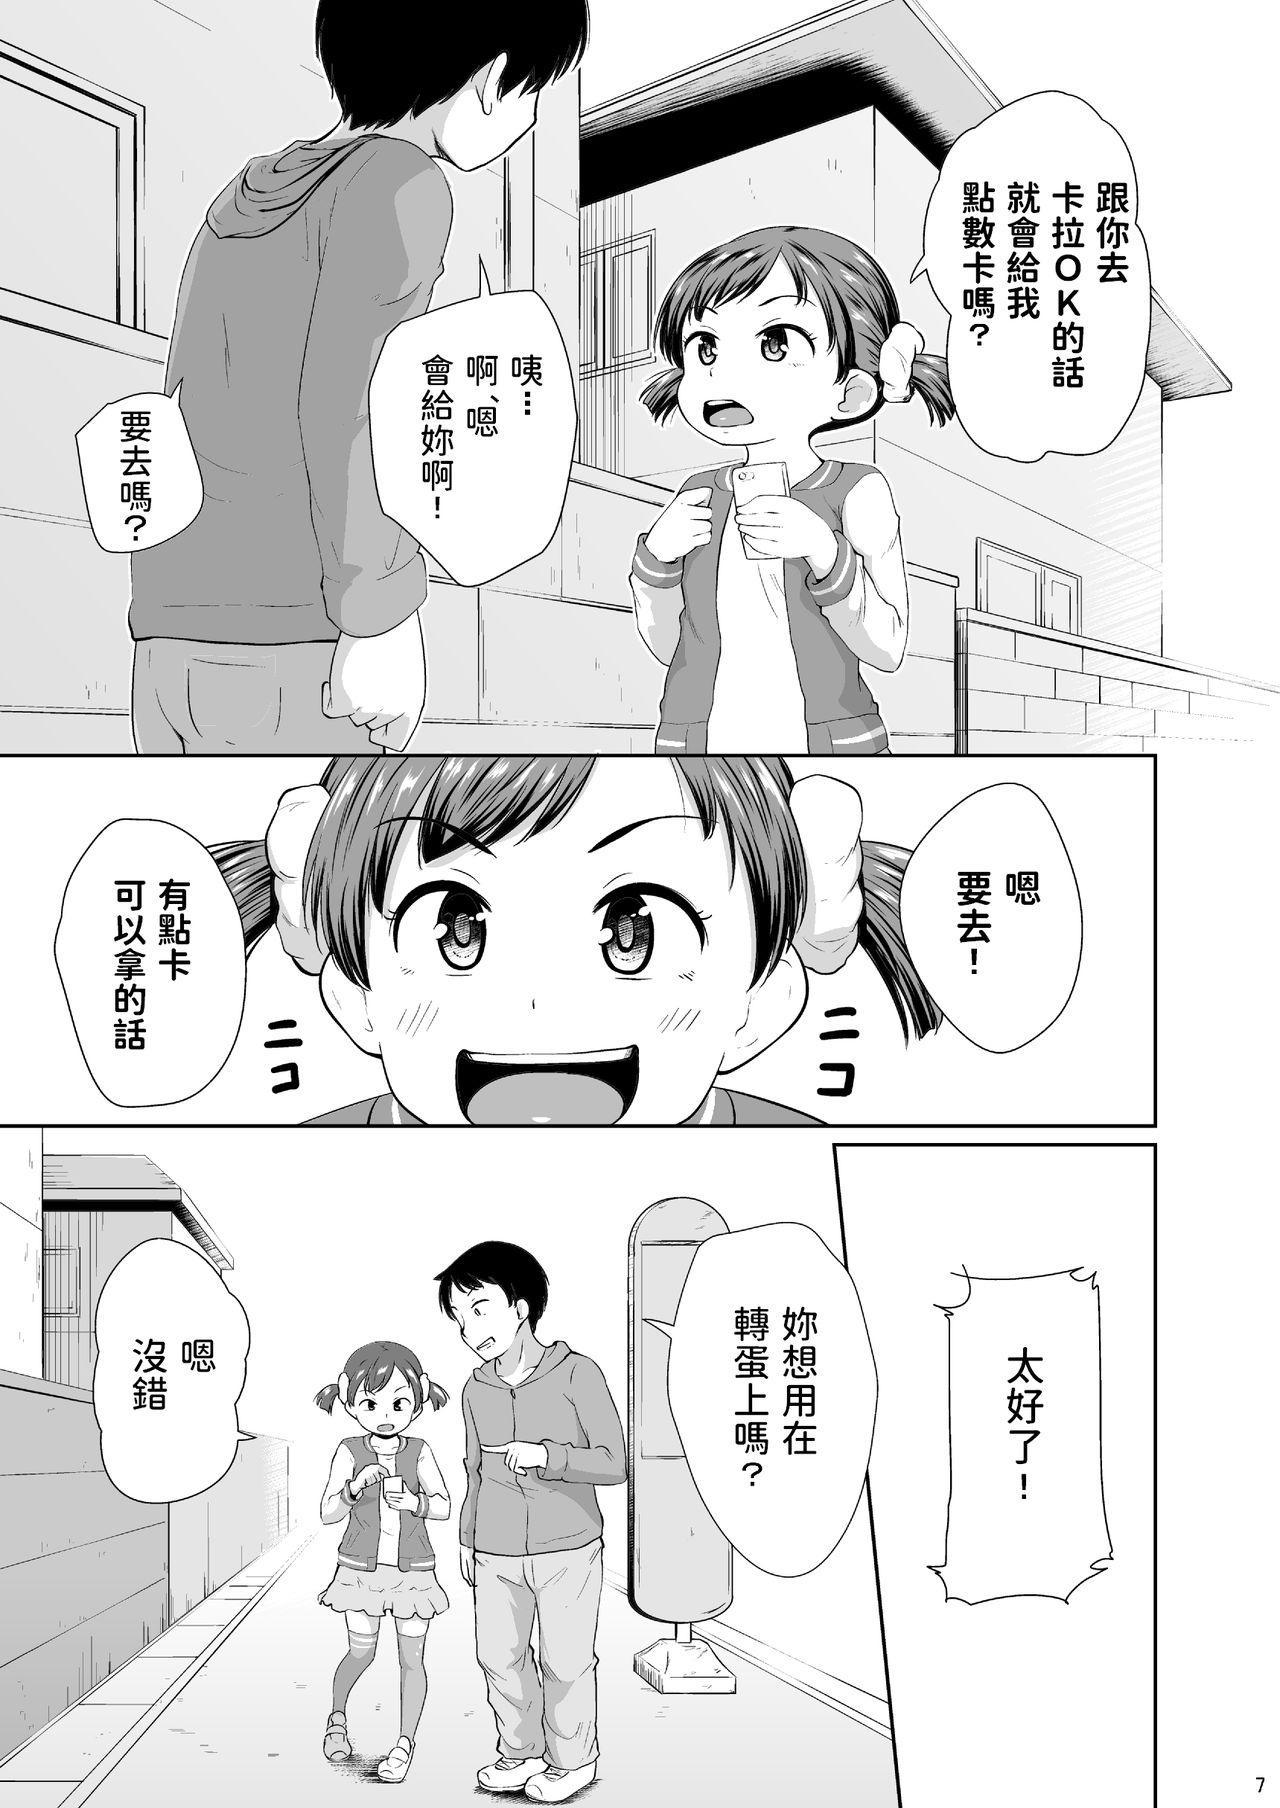 Smapho Shoujo to H na Koto o Suru Houhou 7